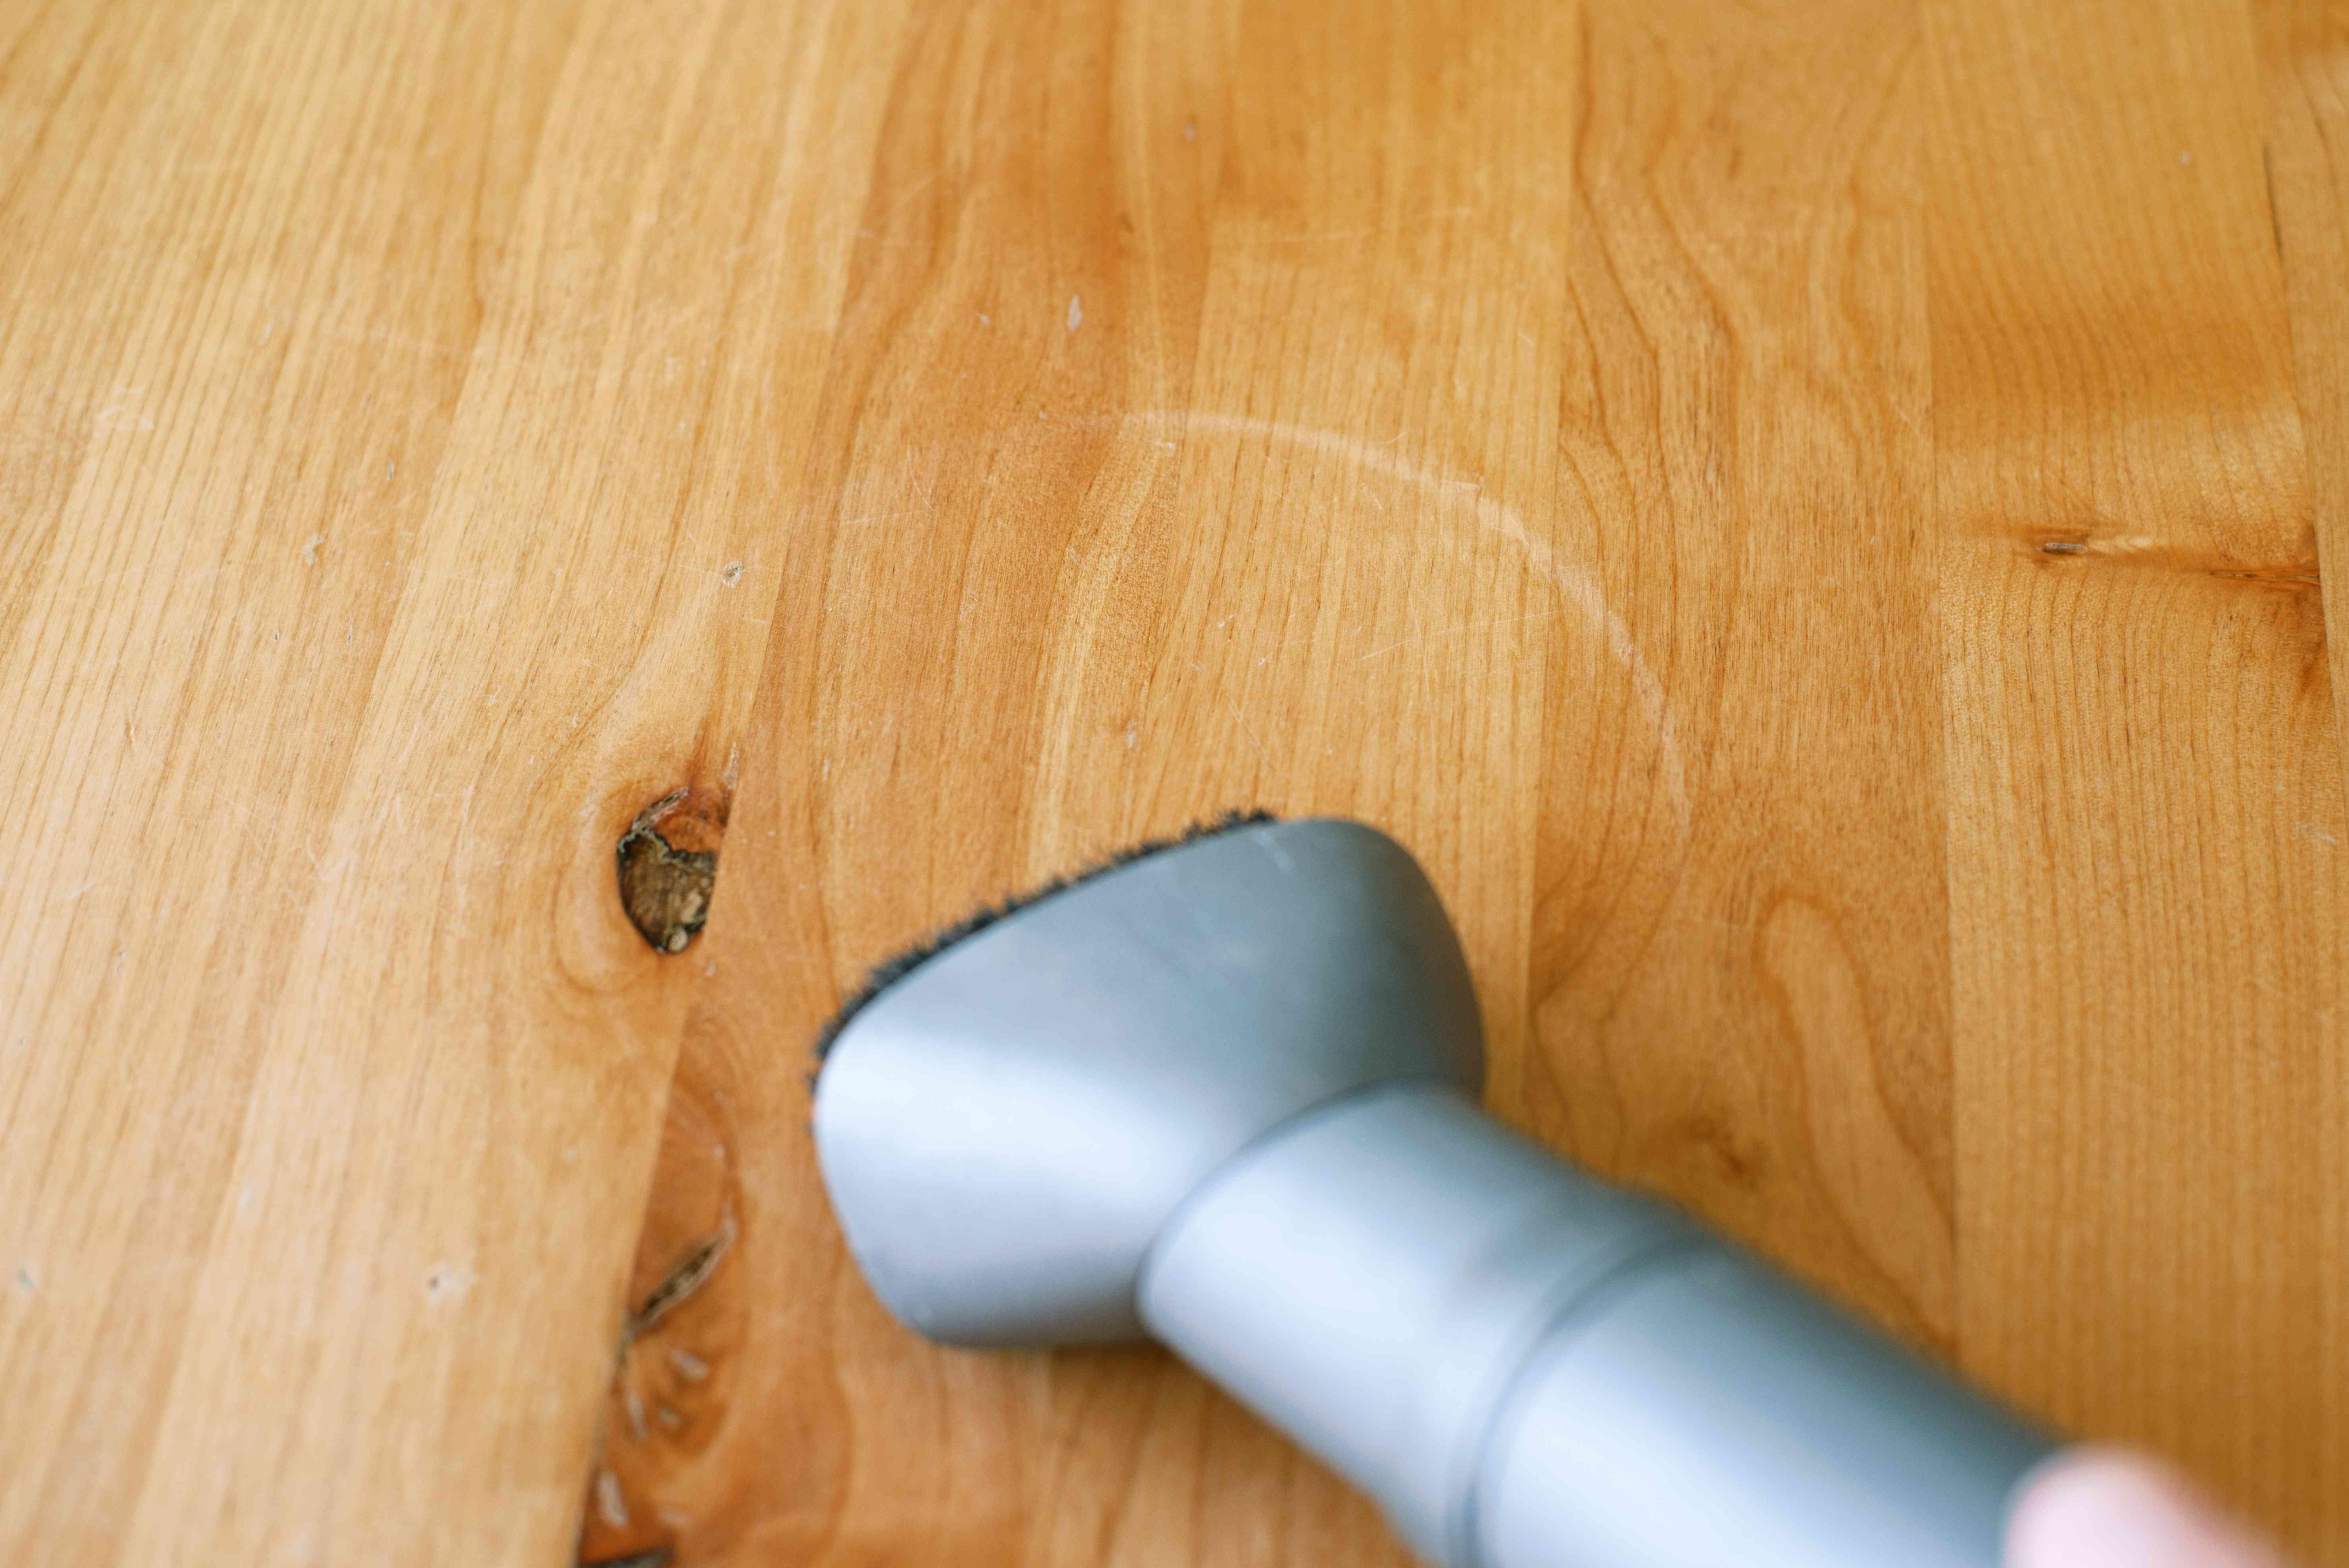 White water ring on wood floor being vacuumed